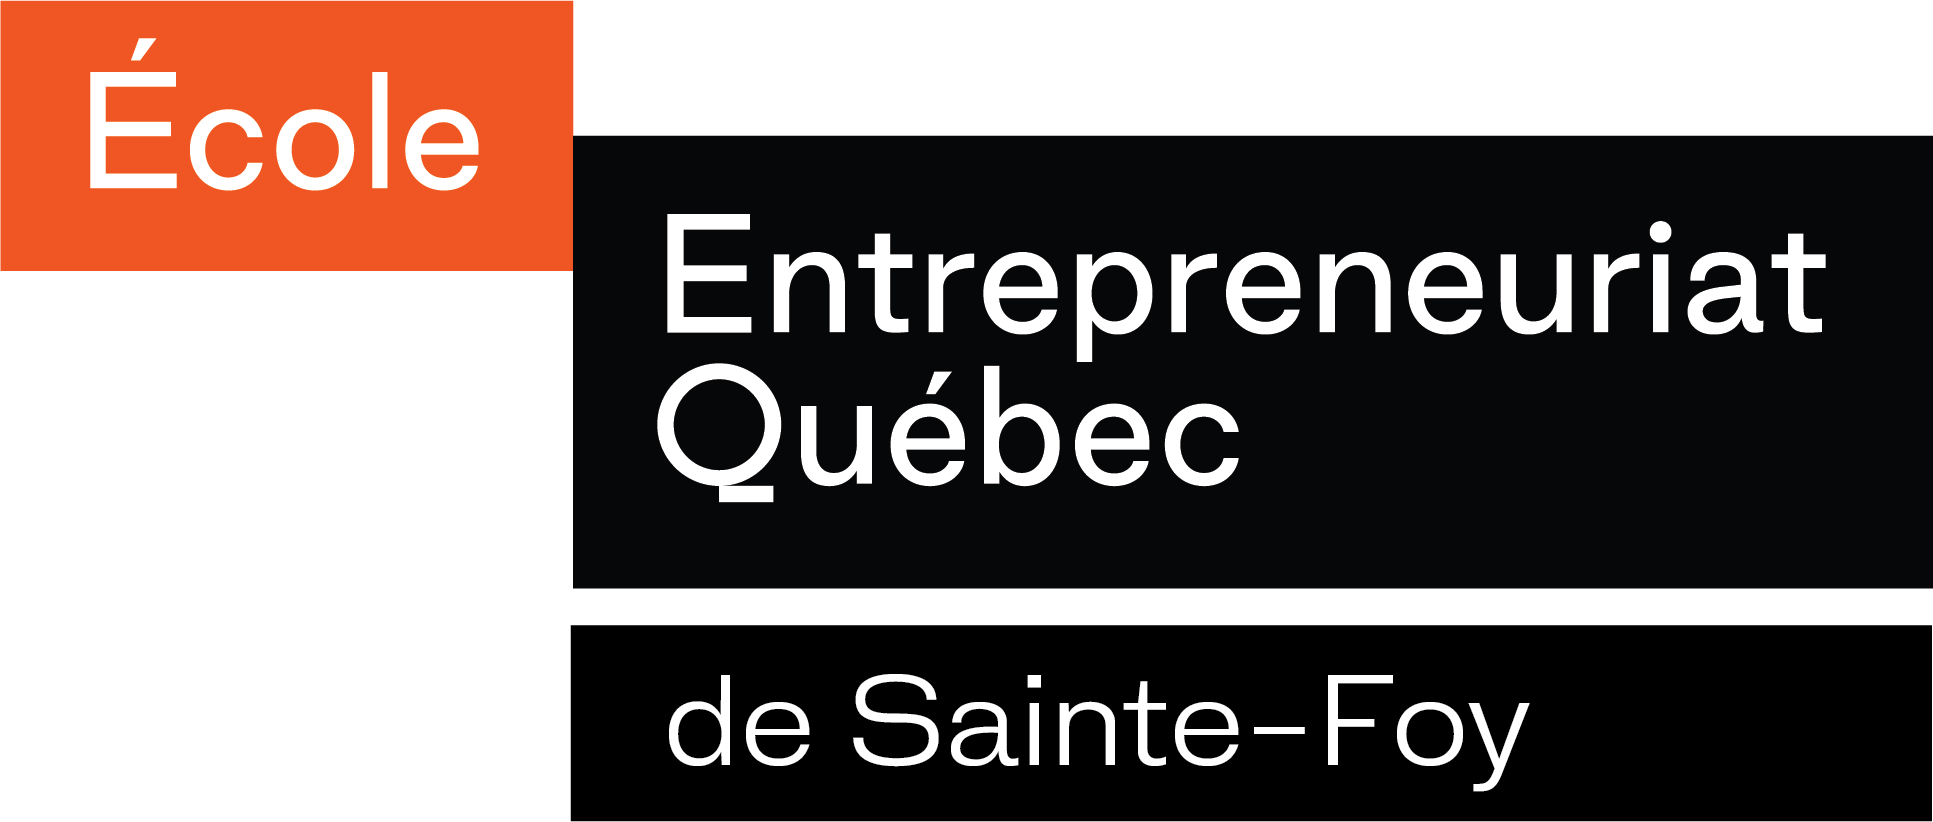 Logos ÉEQ de Sainte-Foy1.jpg